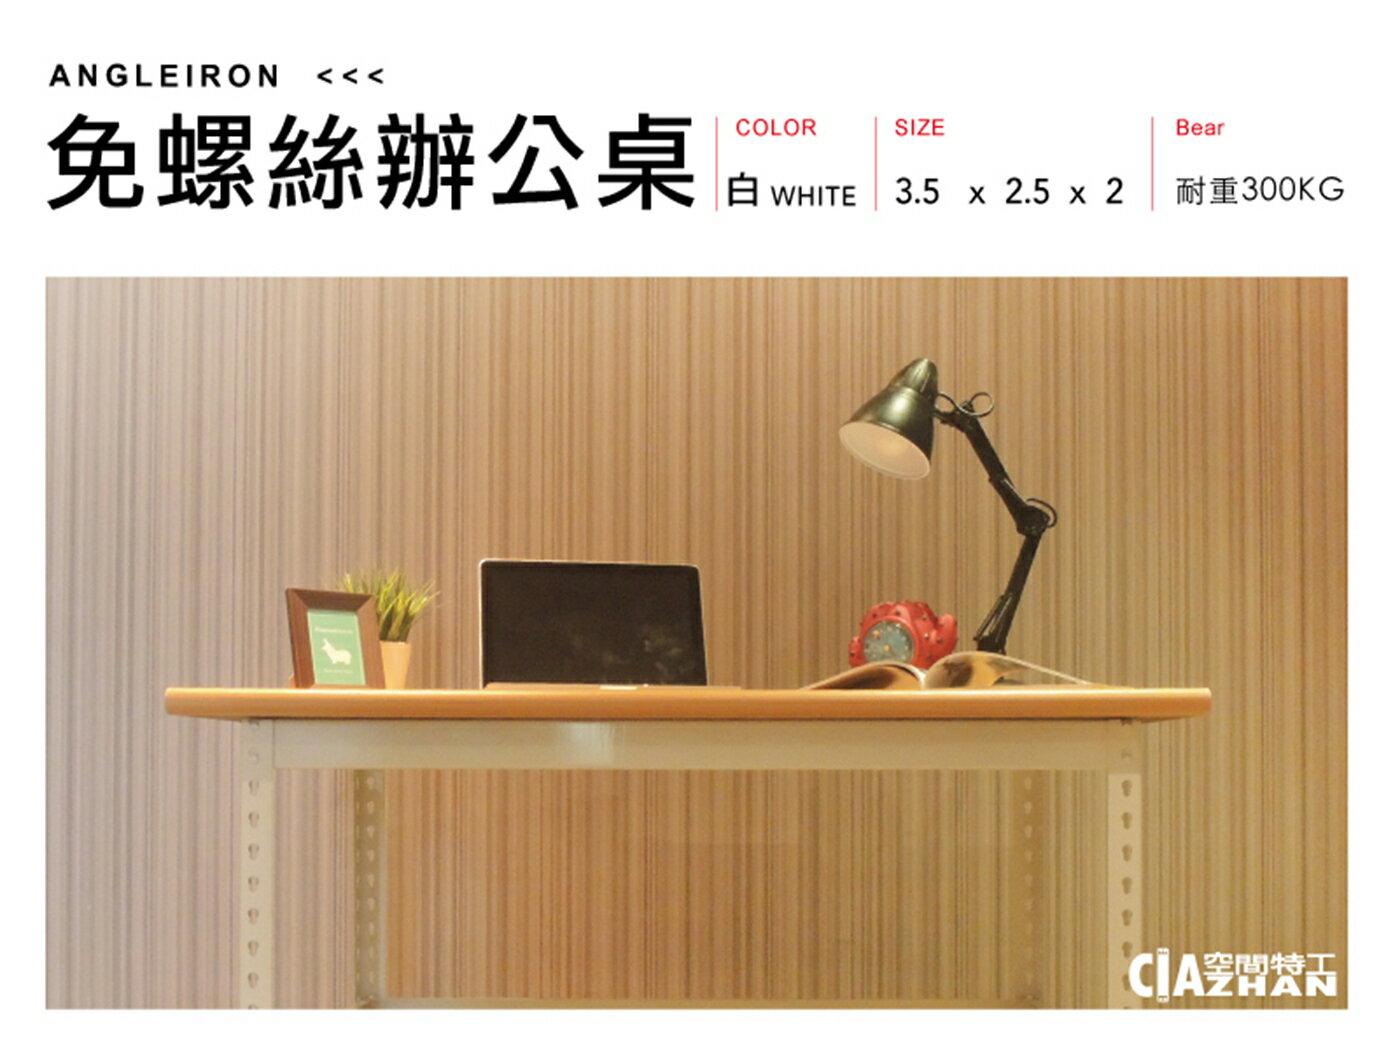 辦公桌♞空間特工♞(木紋桌板120x70cm,高密度塑合板 抗刮耐磨)角鋼桌 書桌 電腦桌 免運費 - 限時優惠好康折扣